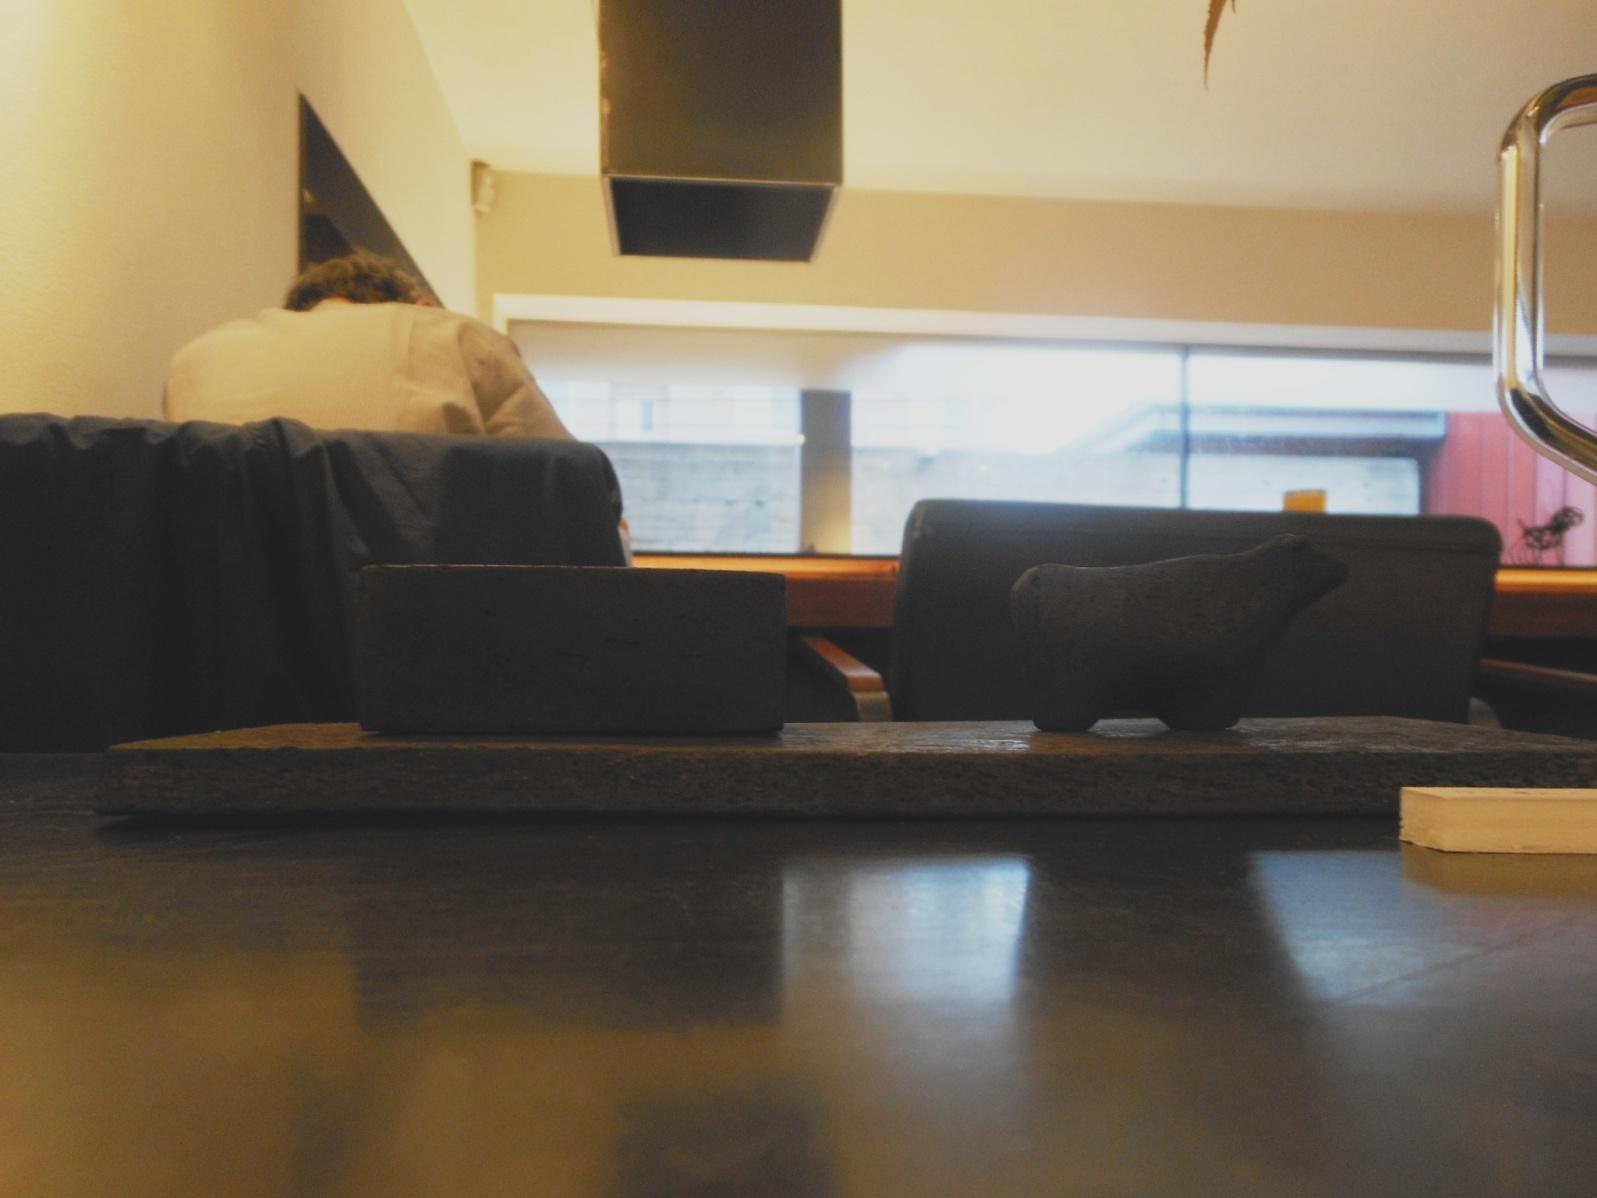 1867)「前田育子 黒陶展」 茶廊法邑 11月7日(水)~11月15日(木)_f0126829_22818.jpg